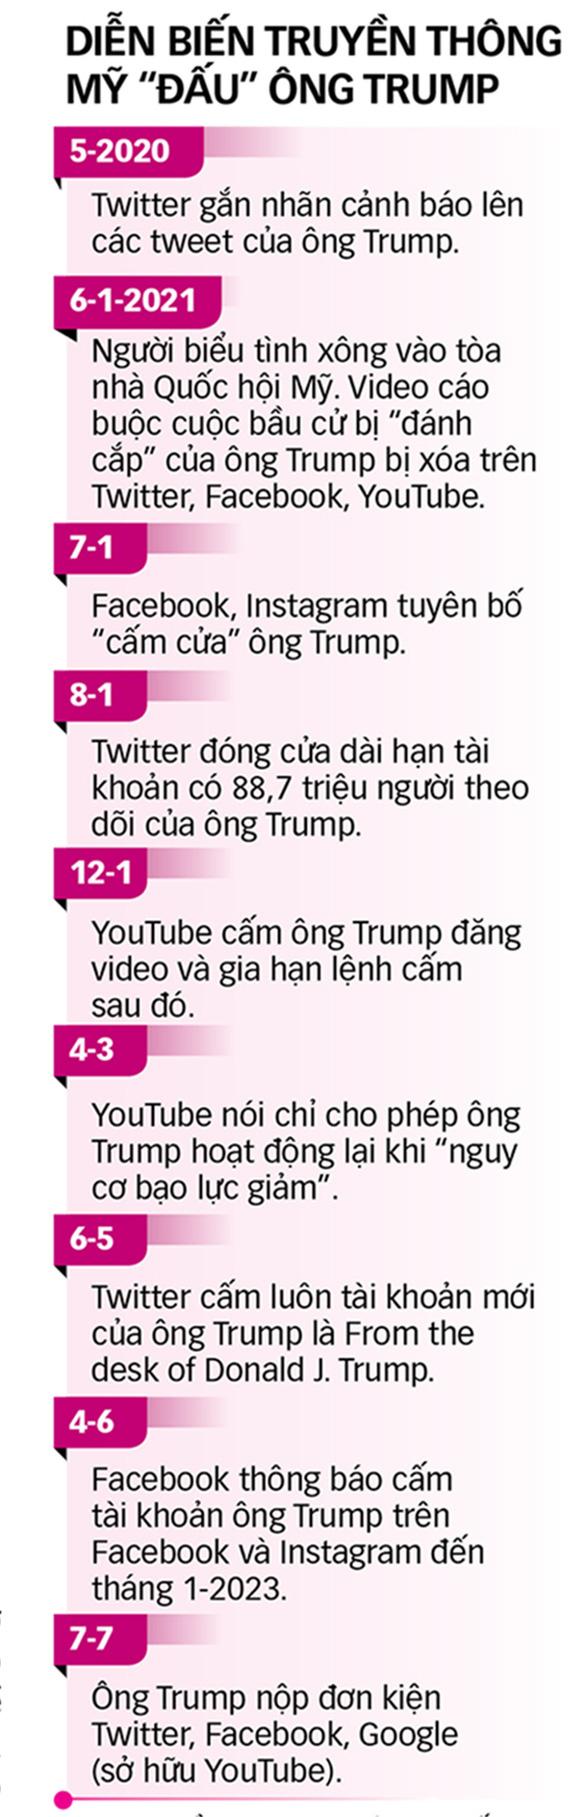 Ông Trump lại kiện, lần này là mạng xã hội - Ảnh 4.